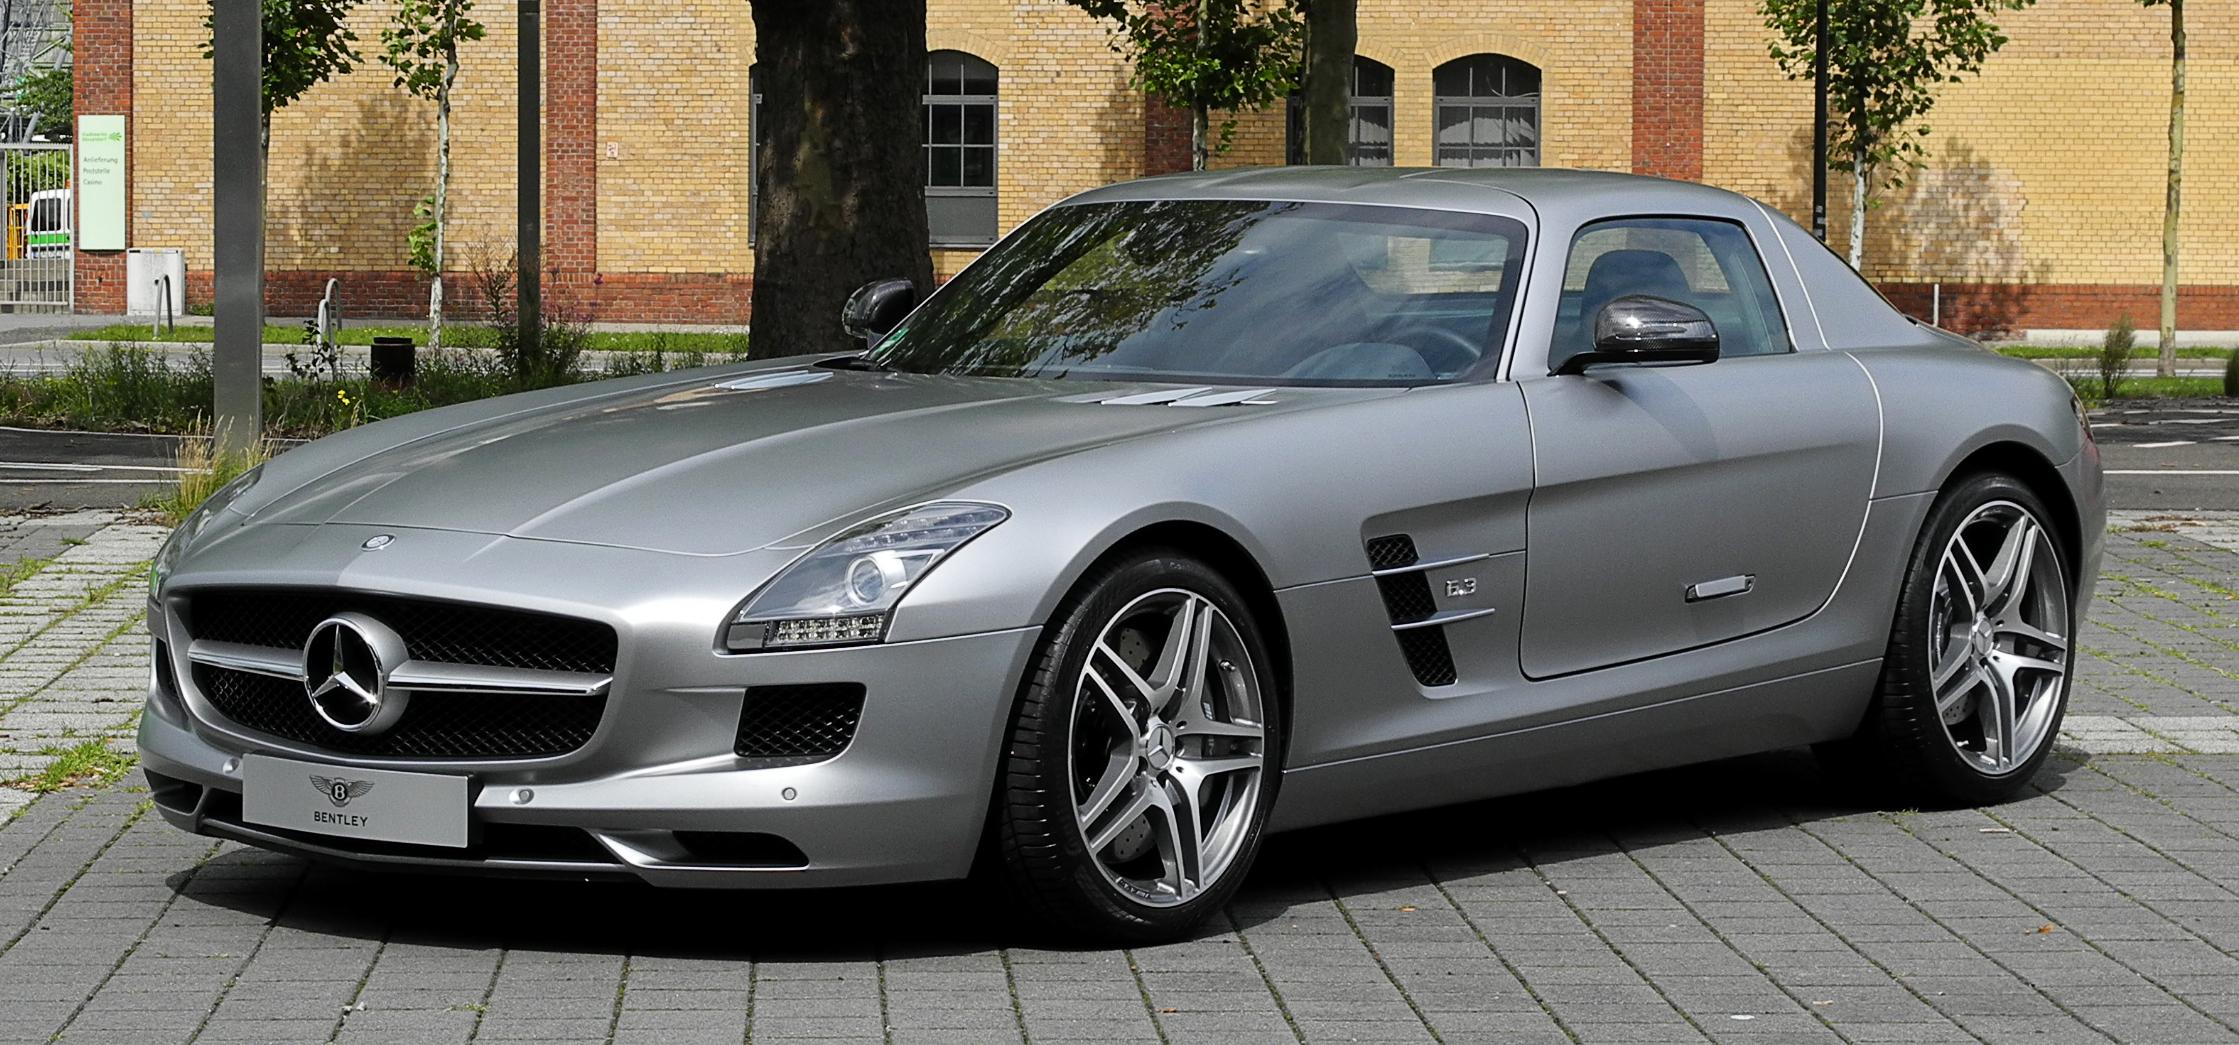 1000  ideas about Mercedes Sls on Pinterest | Benz sls, Mercedes ...